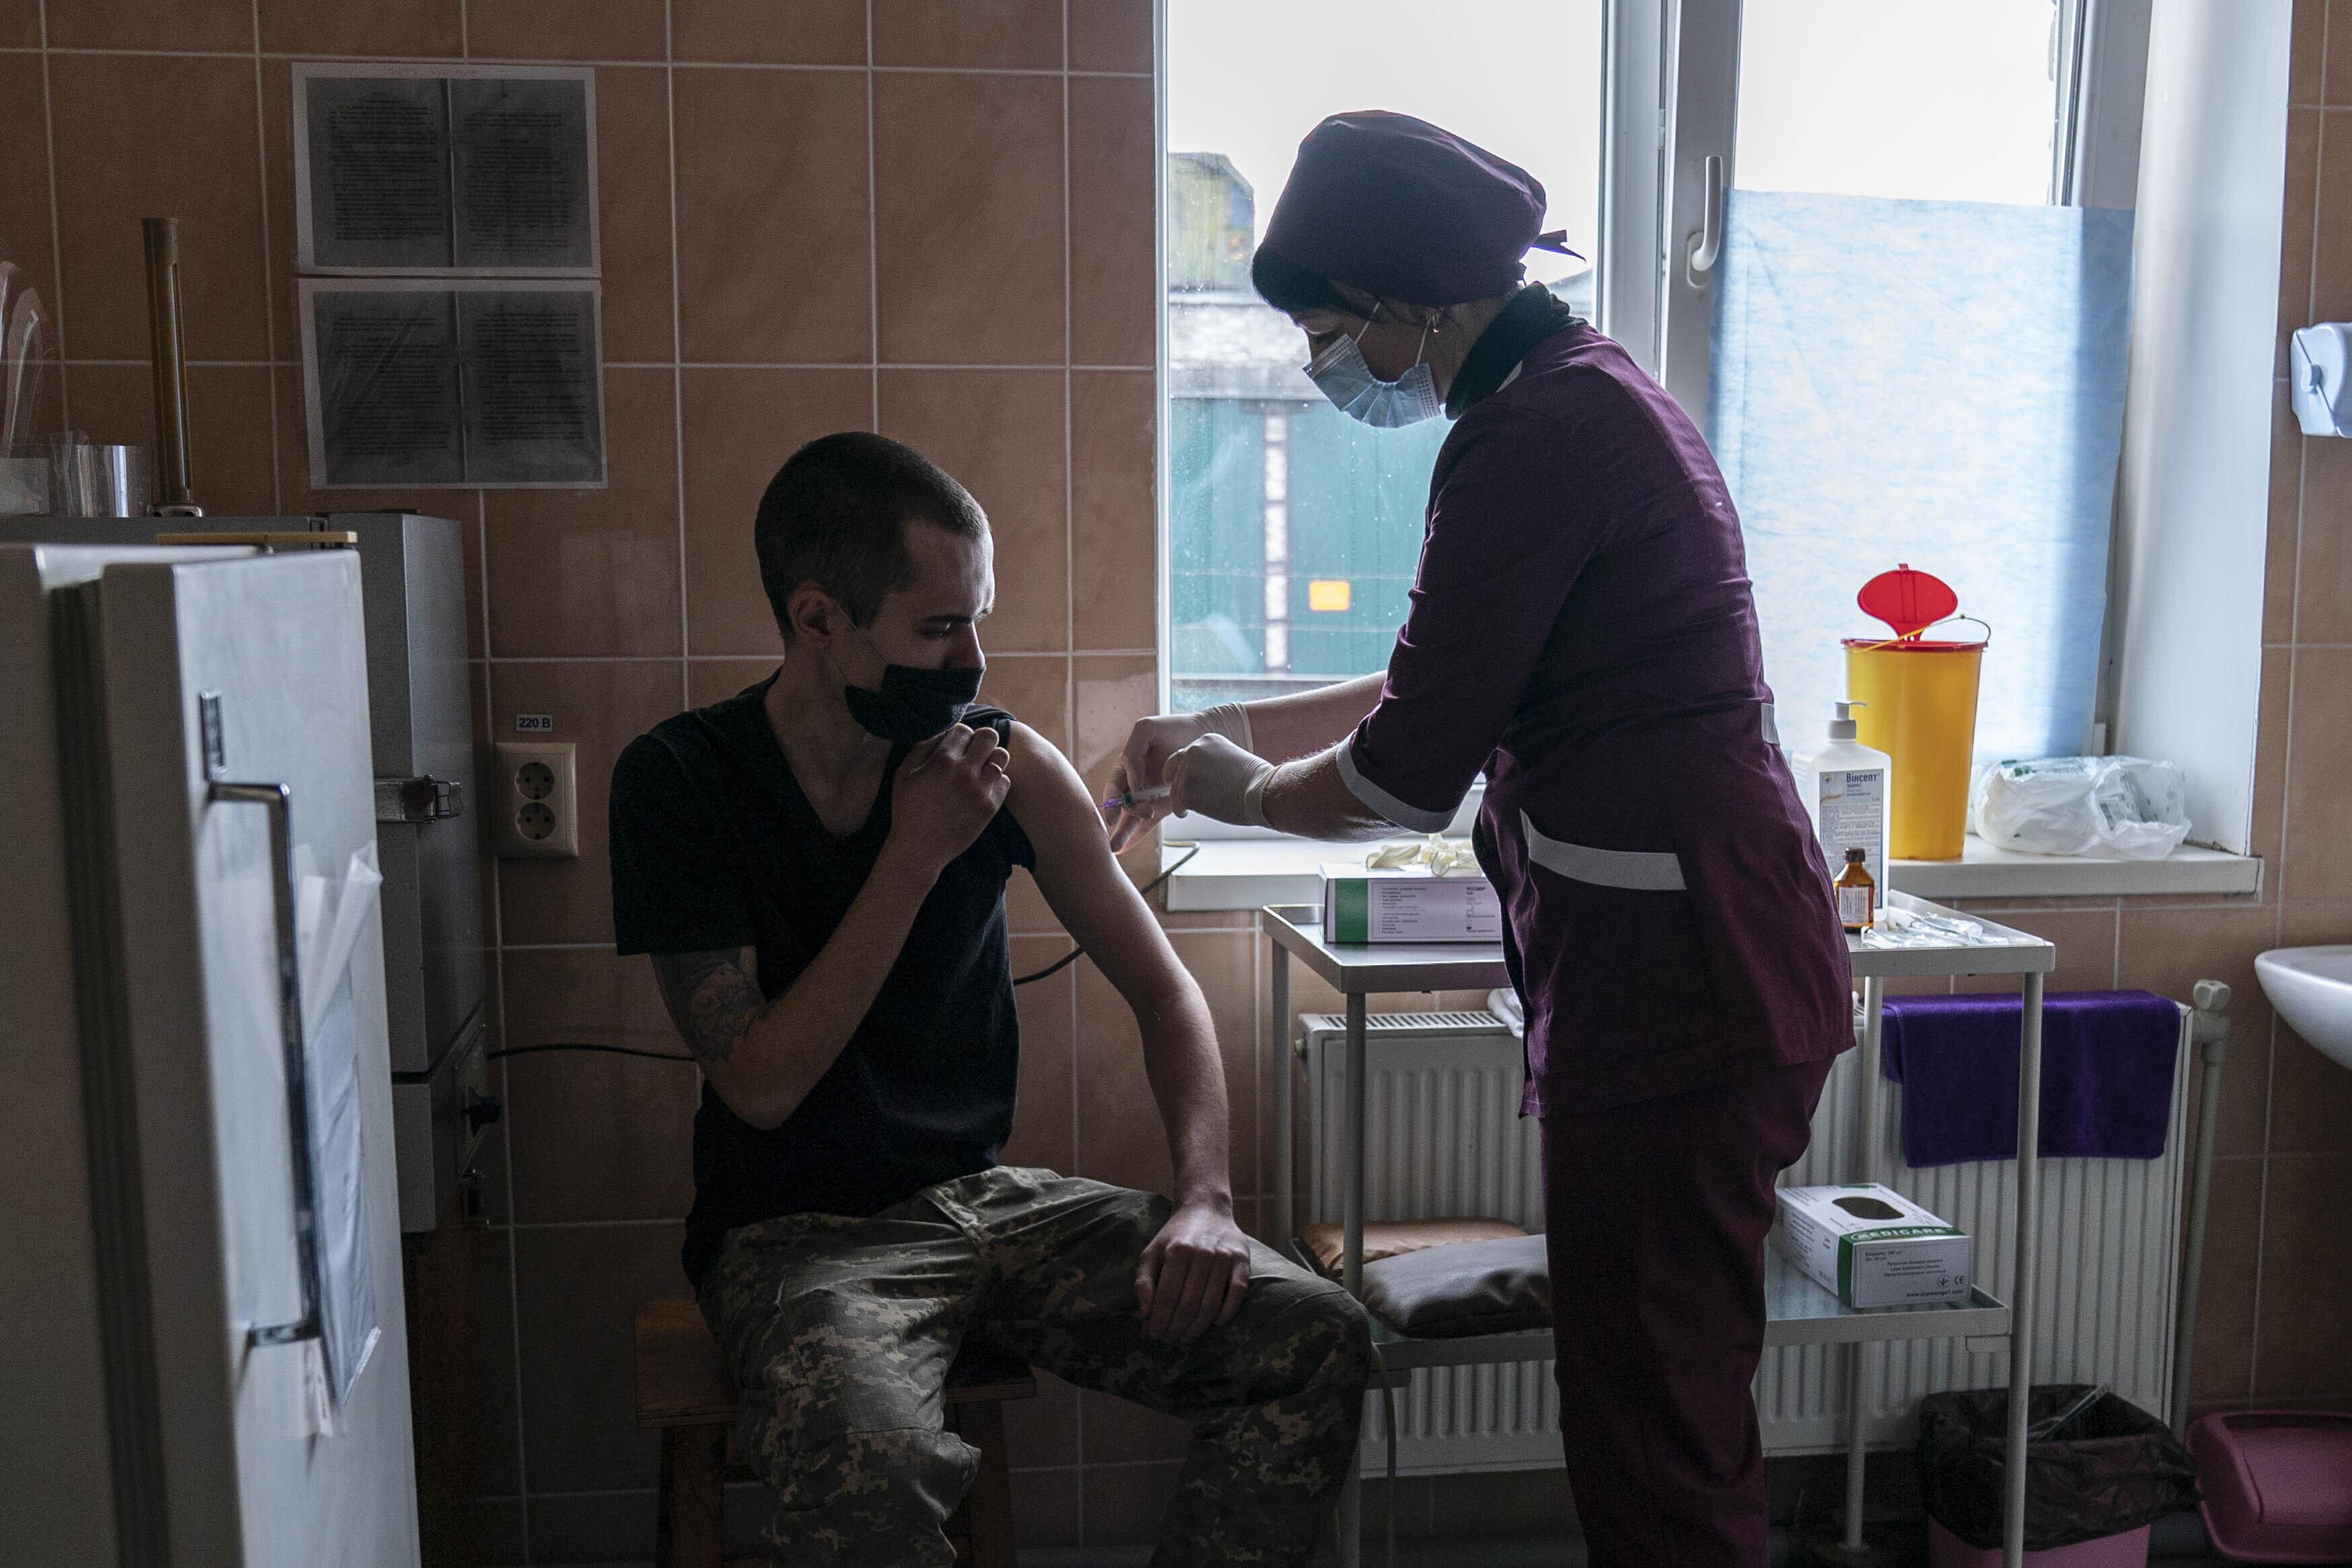 Депутат от партии Порошенко заявил, что на вакцинацию всех украинцев уйдёт 200 лет